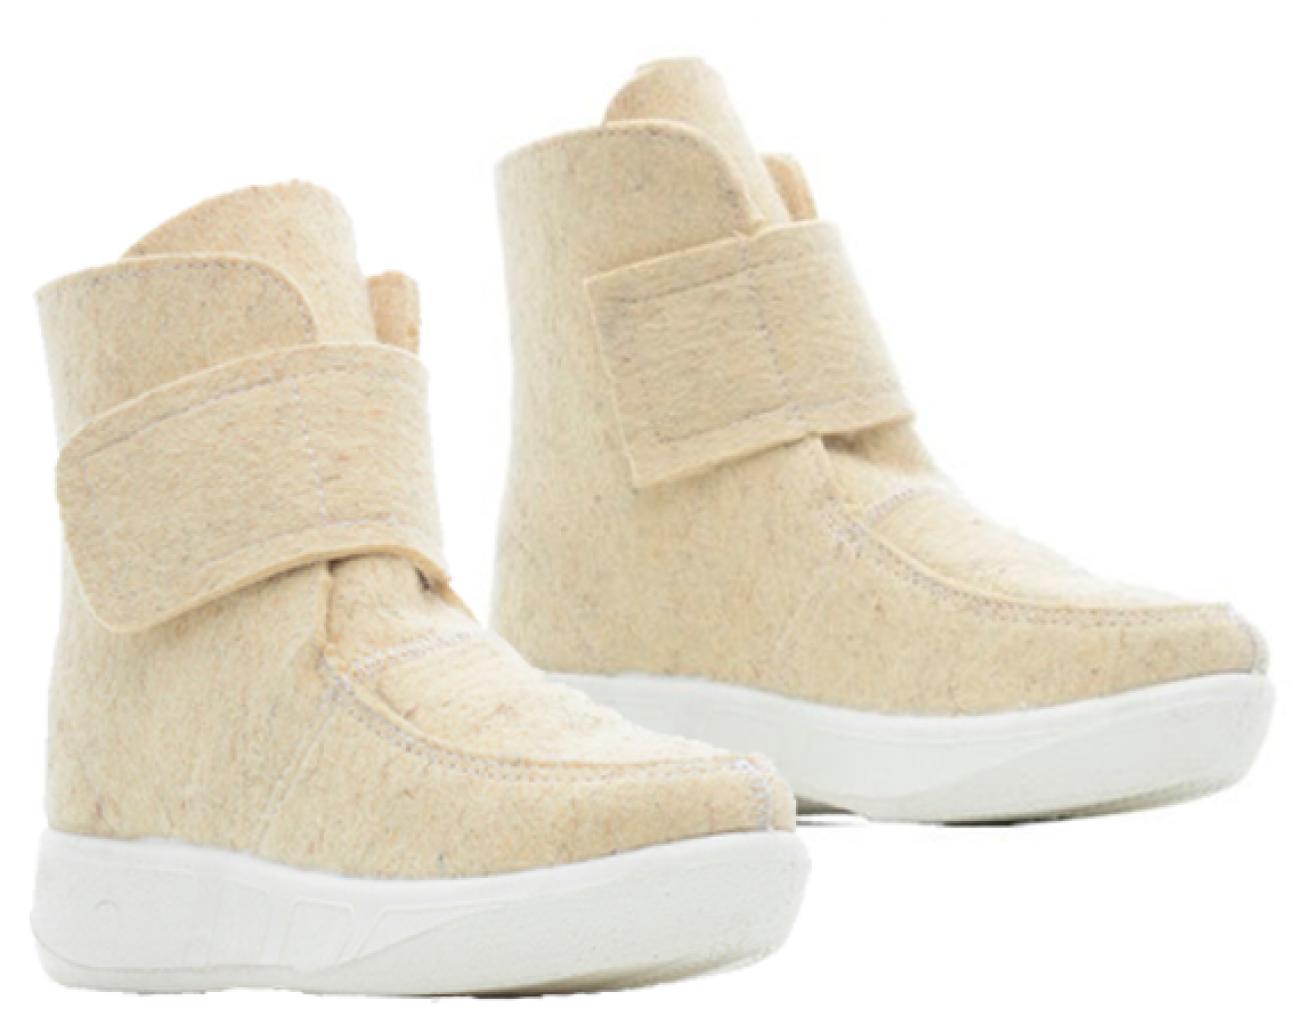 Валеная обувь Сапоги войлочные короткие белые 14523бел1.png